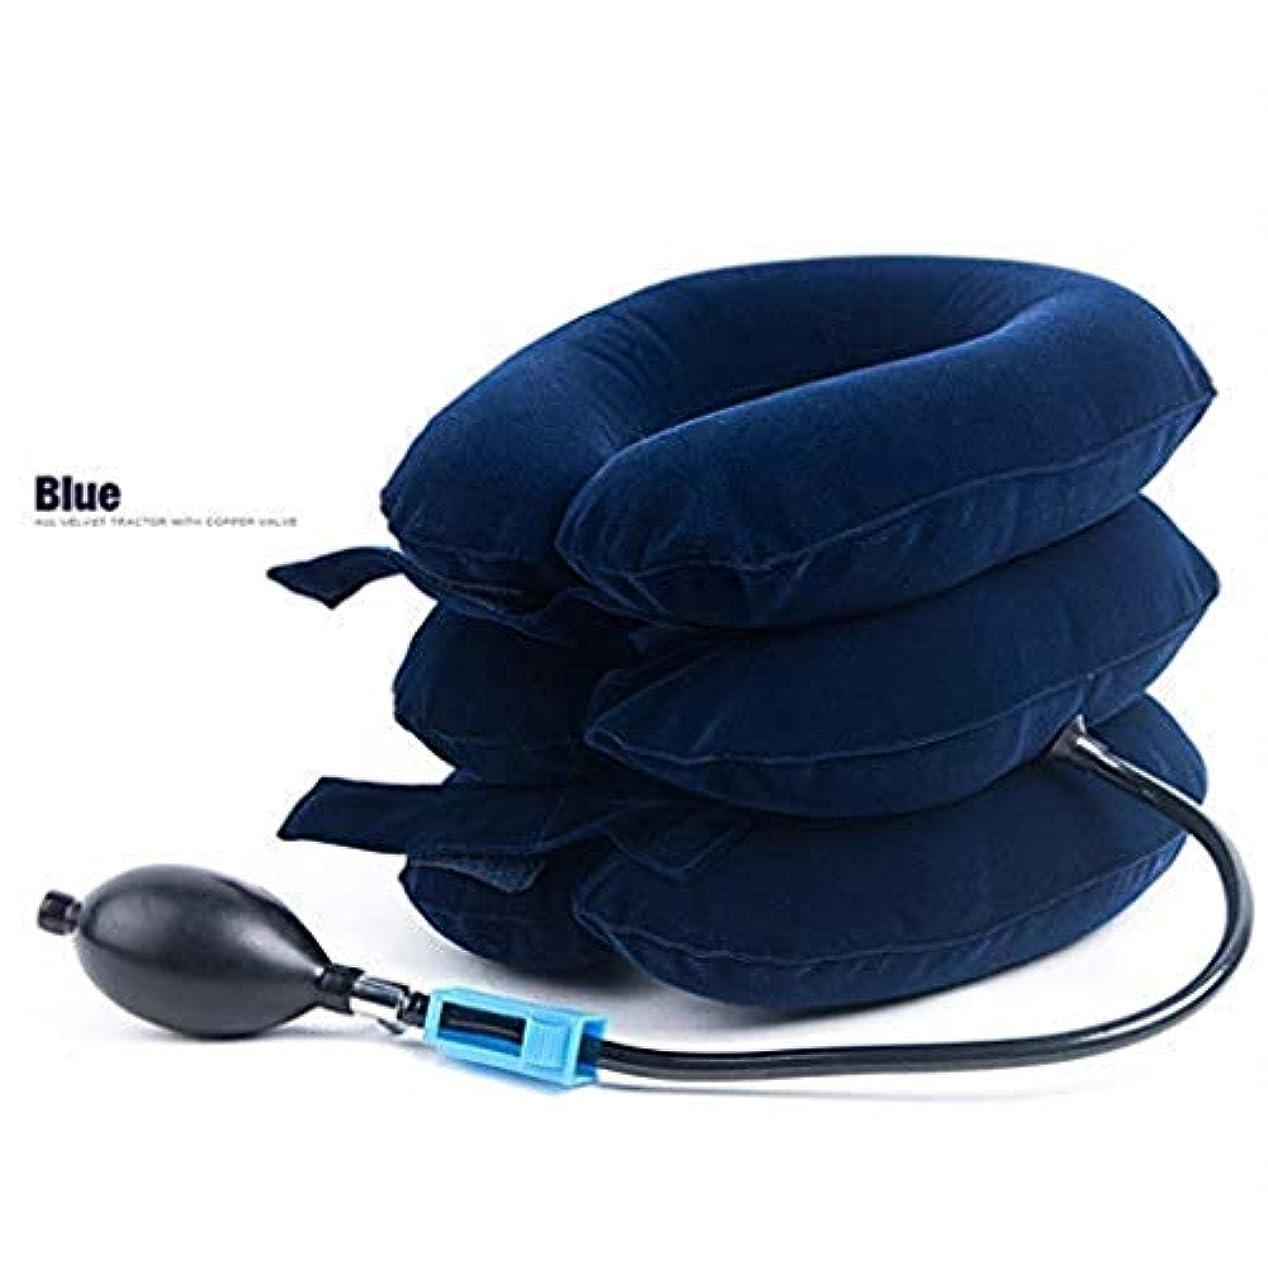 開発割る北極圏首のマッサージャー、膨脹可能なマッサージの首の枕、頚部頚部牽引用具、旅行枕背部肩の首のマッサージャーの健康用具 (Color : Biue)